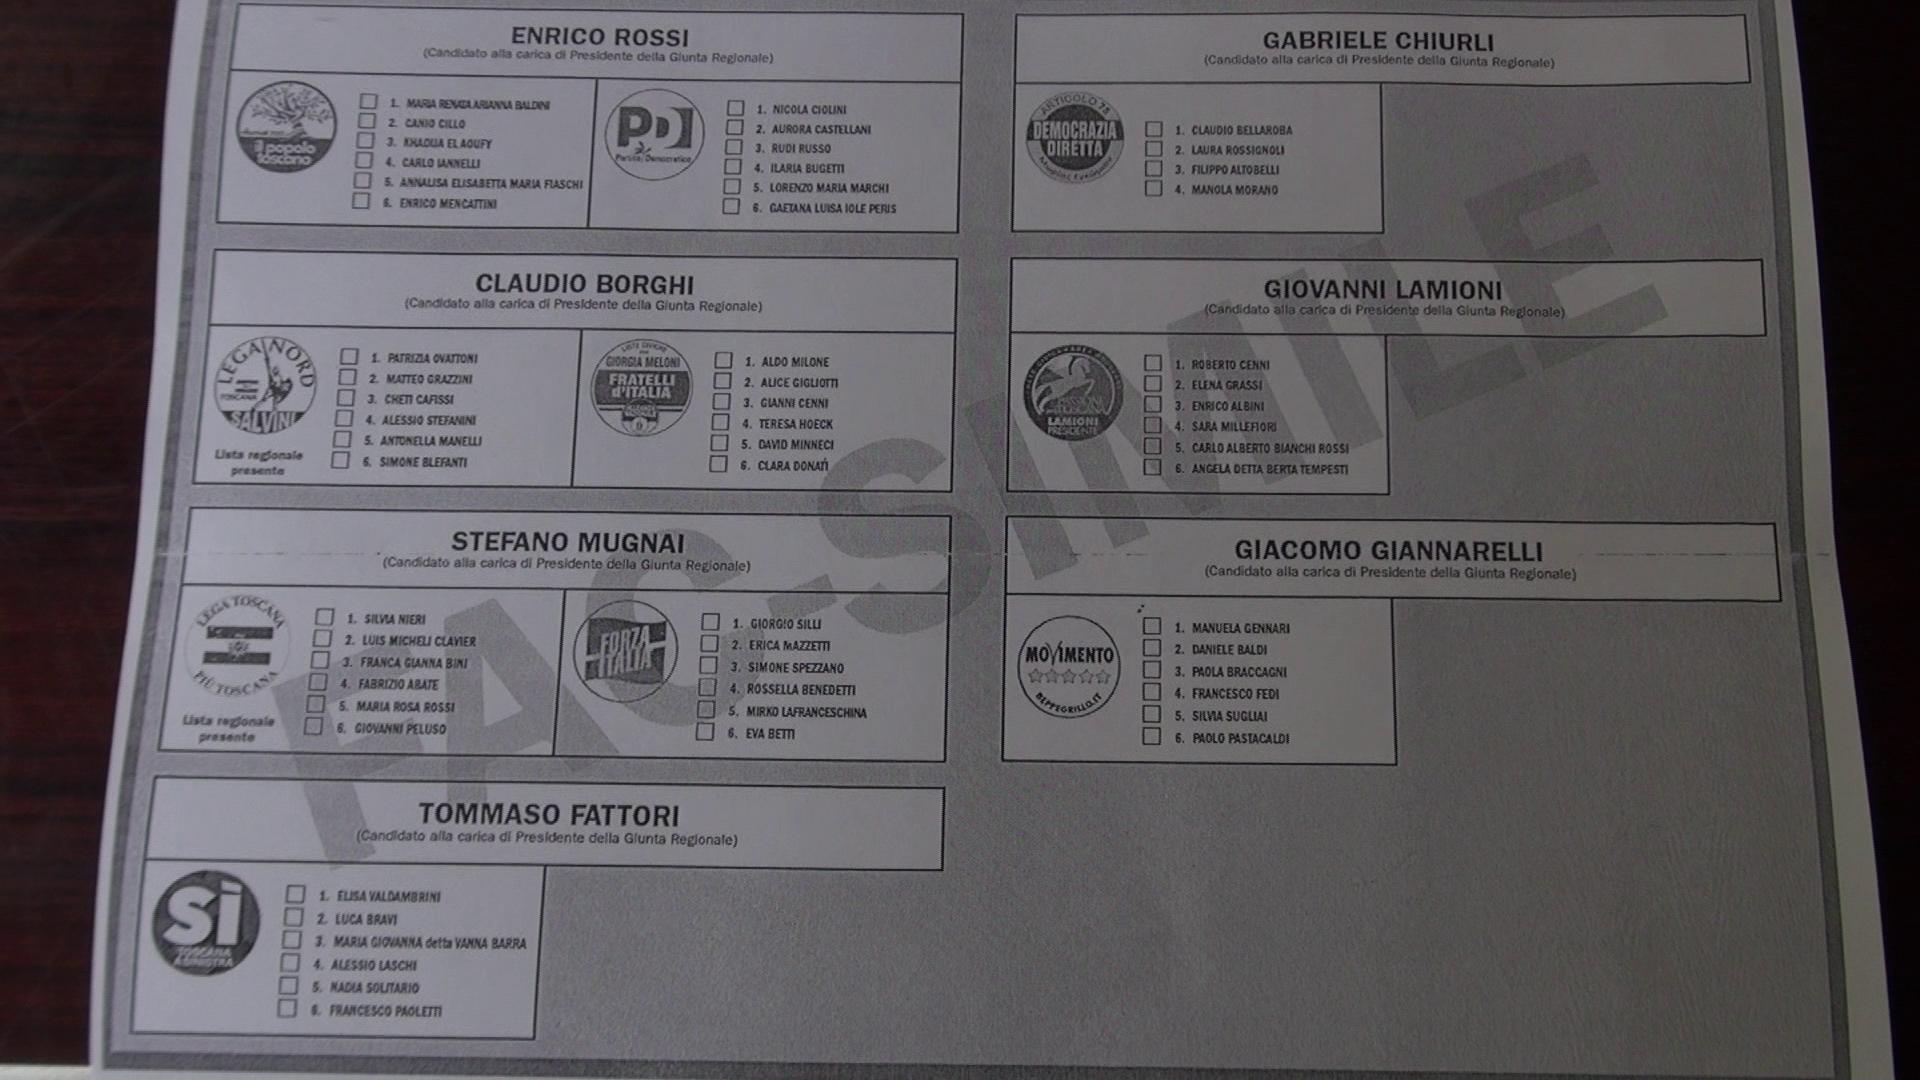 Ufficio Anagrafe A Prato : Vademecum elezioni regionali a prato mila aventi diritto al